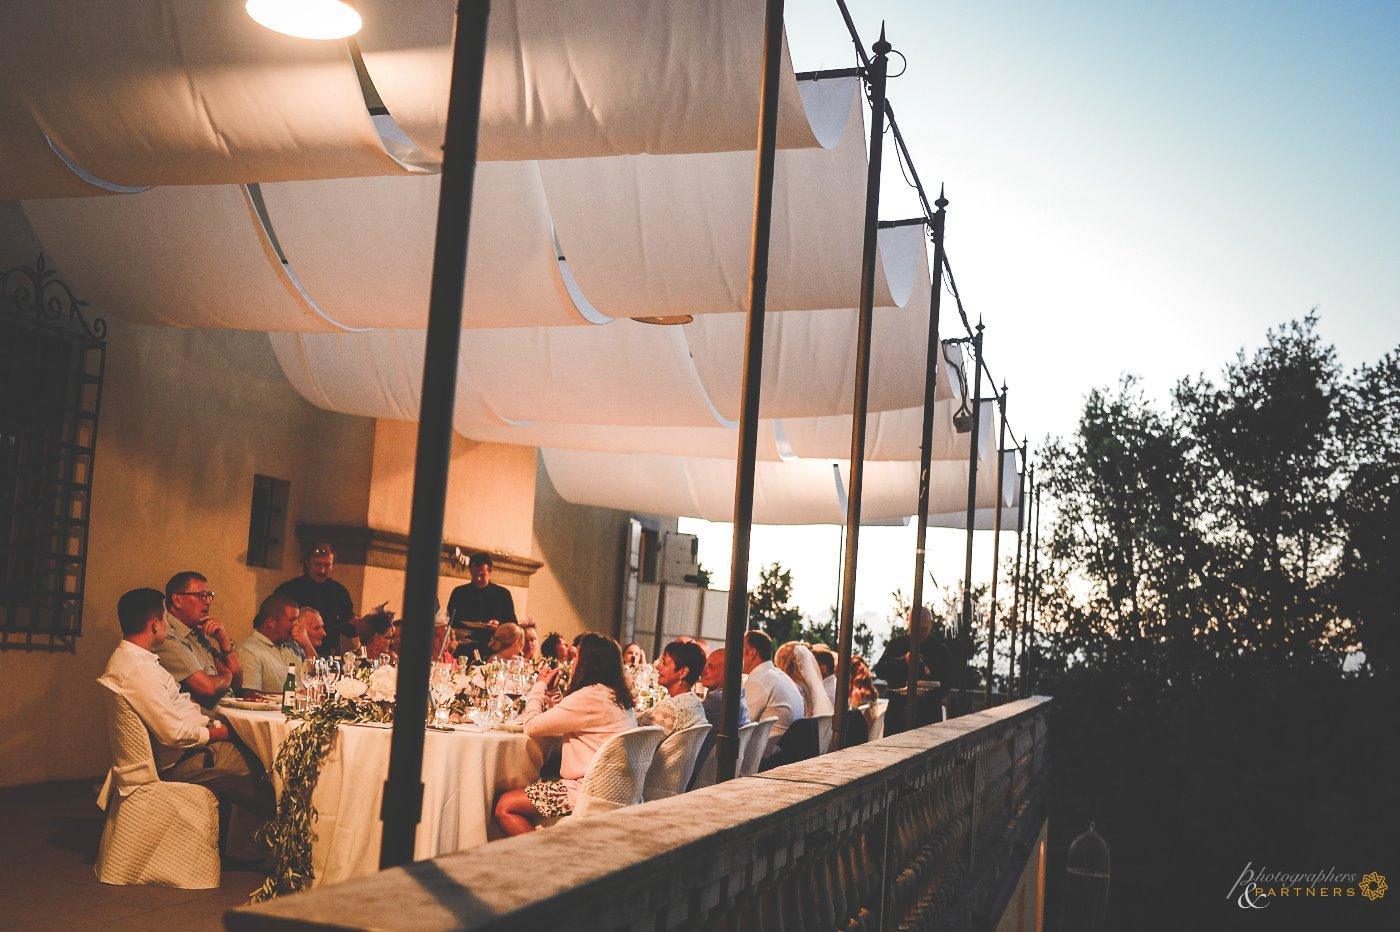 photography_weddings_bucciano_18.jpg